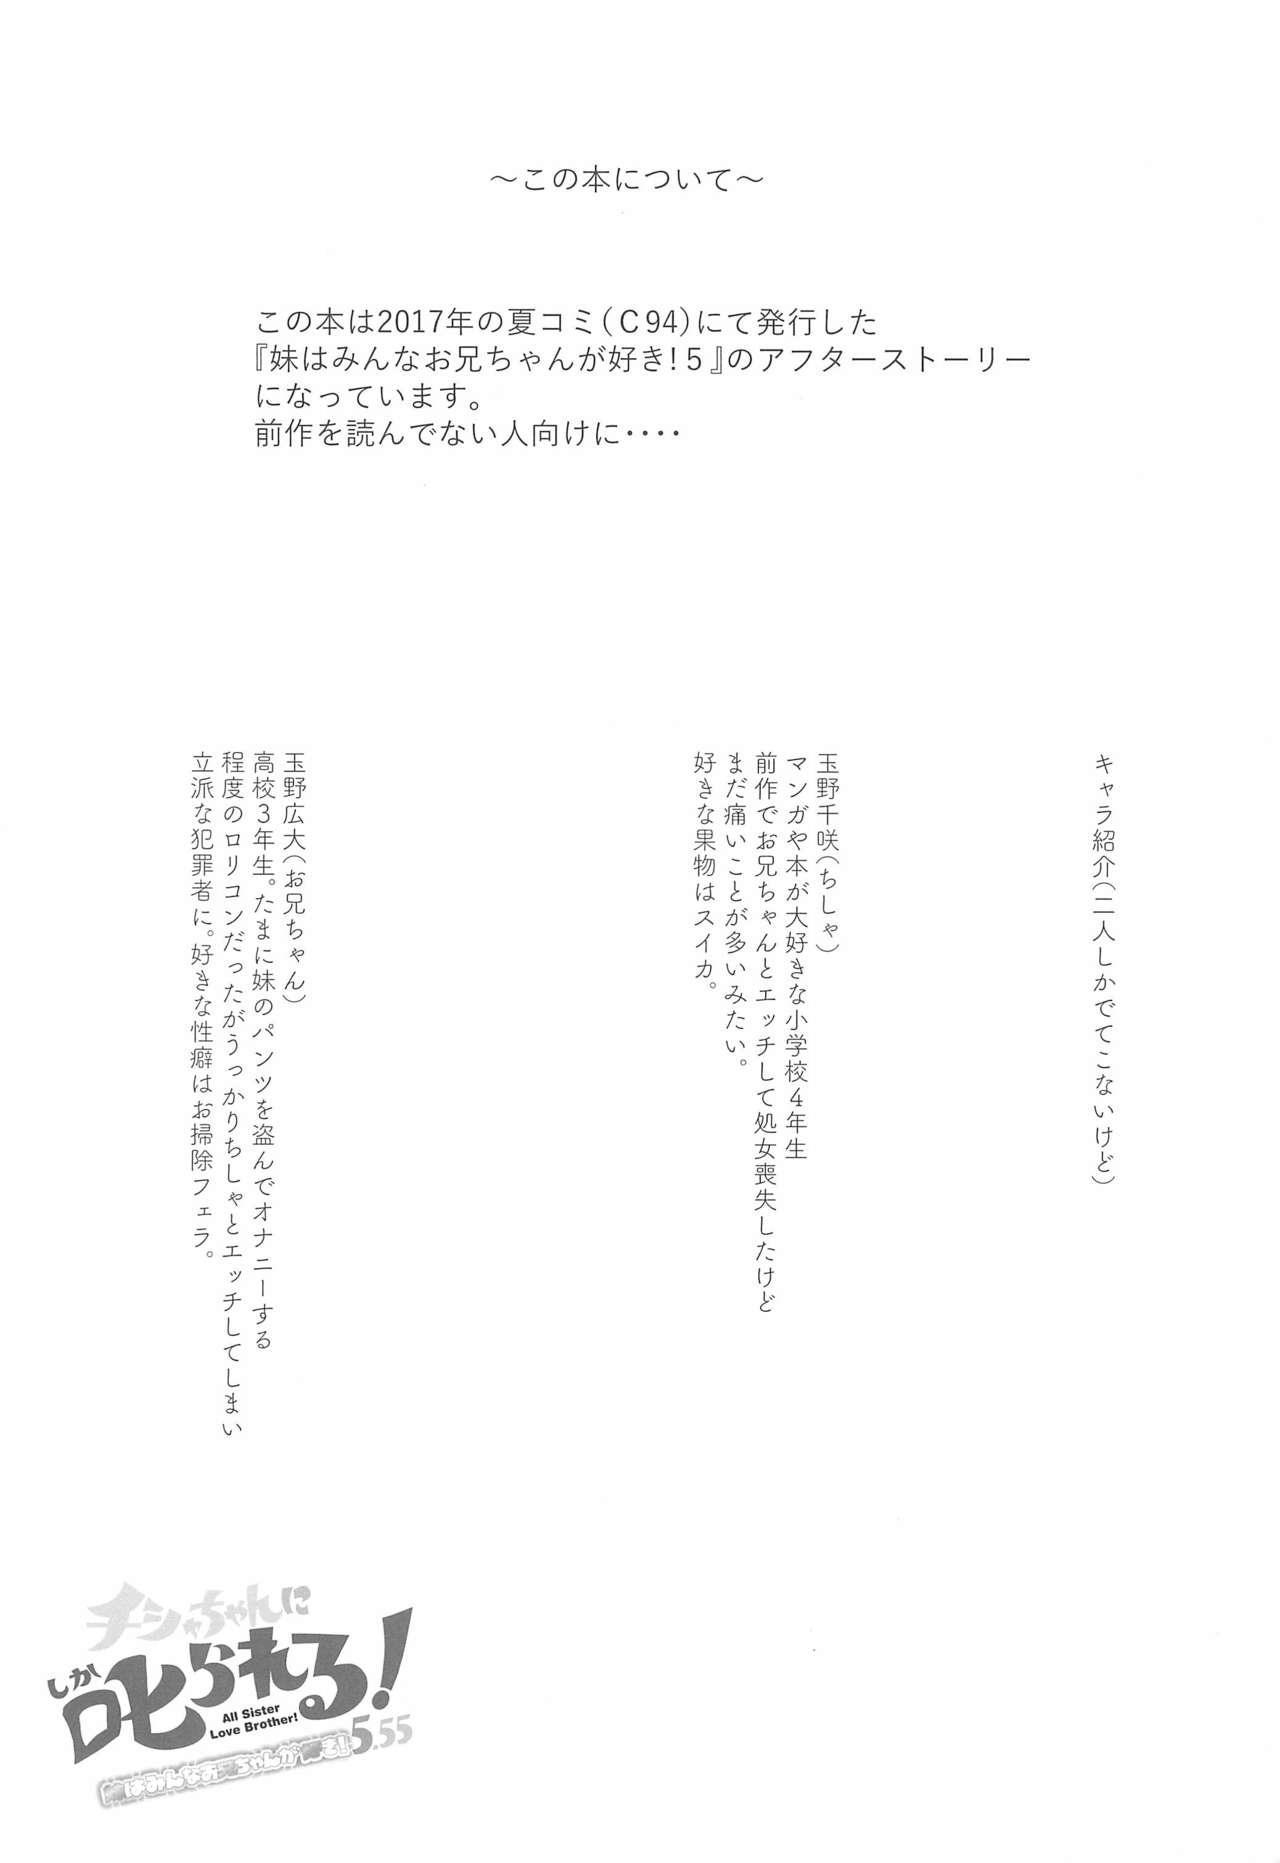 (C96) [Wancho-ke (Wancho)] Chisha-chan ni Shikarareru! Imouto wa Minna Onii-chan ga Daisuki! 5.55 3